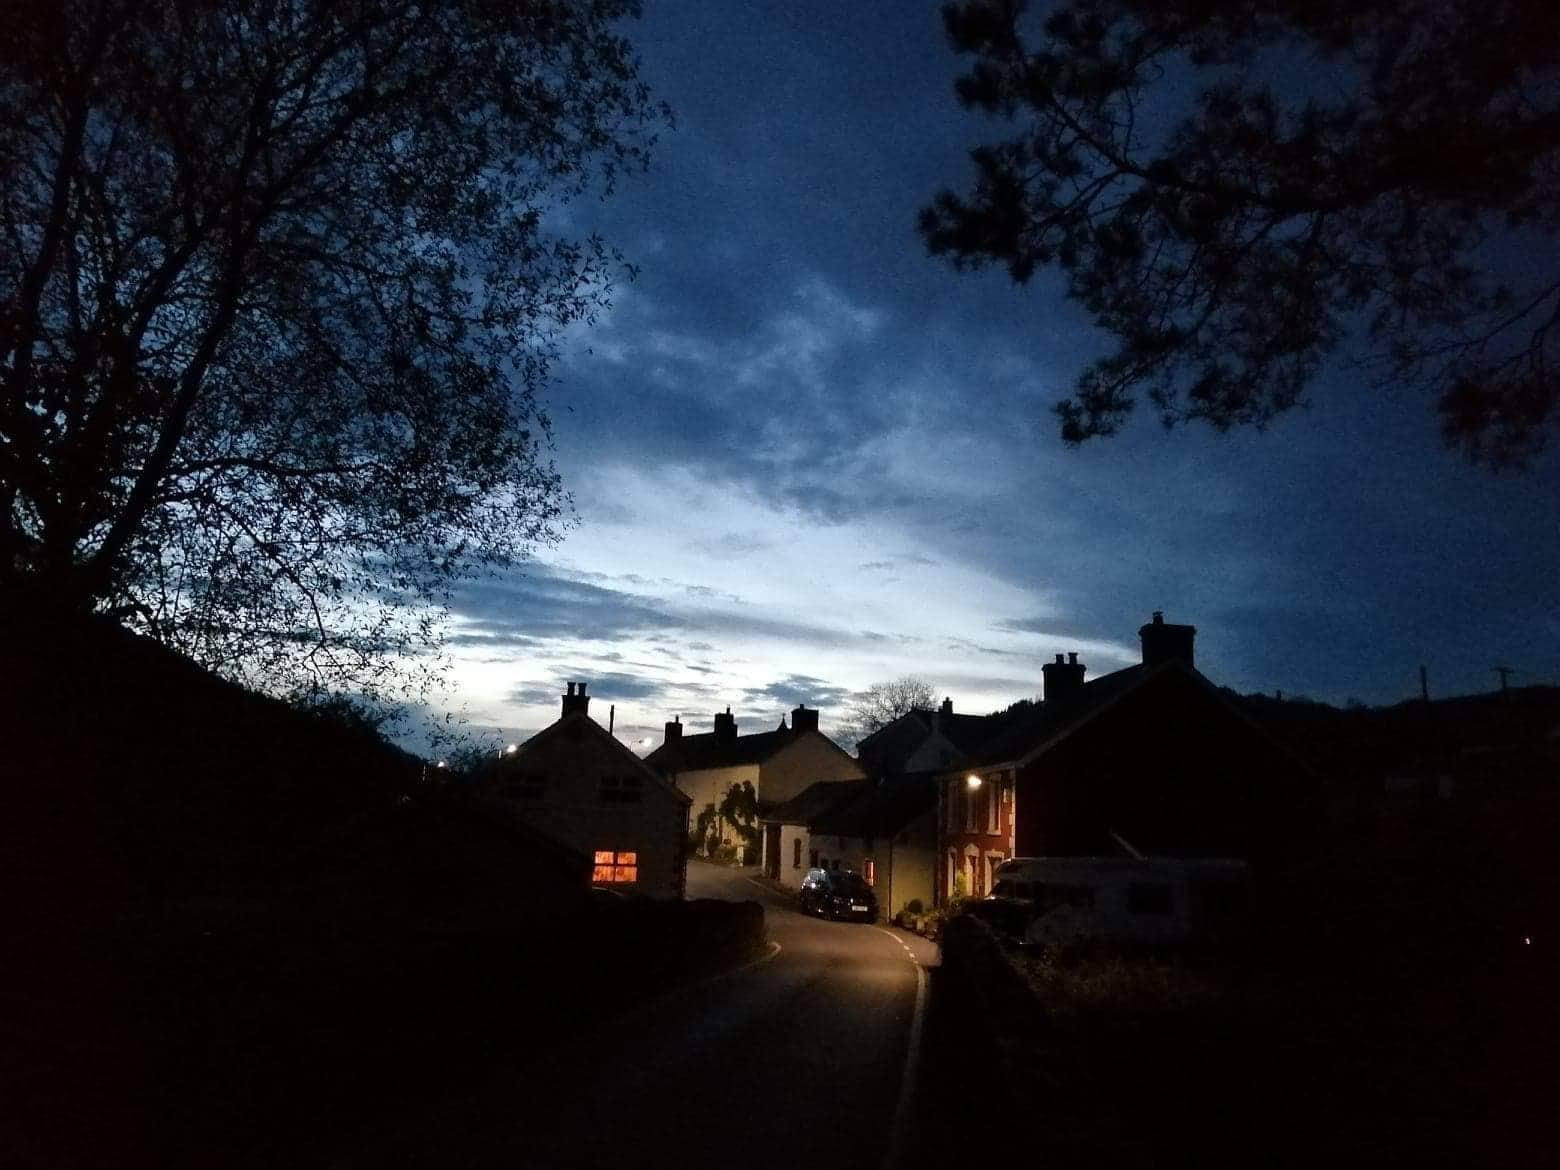 Abergorlech at night. Carmarthenshire, Wales